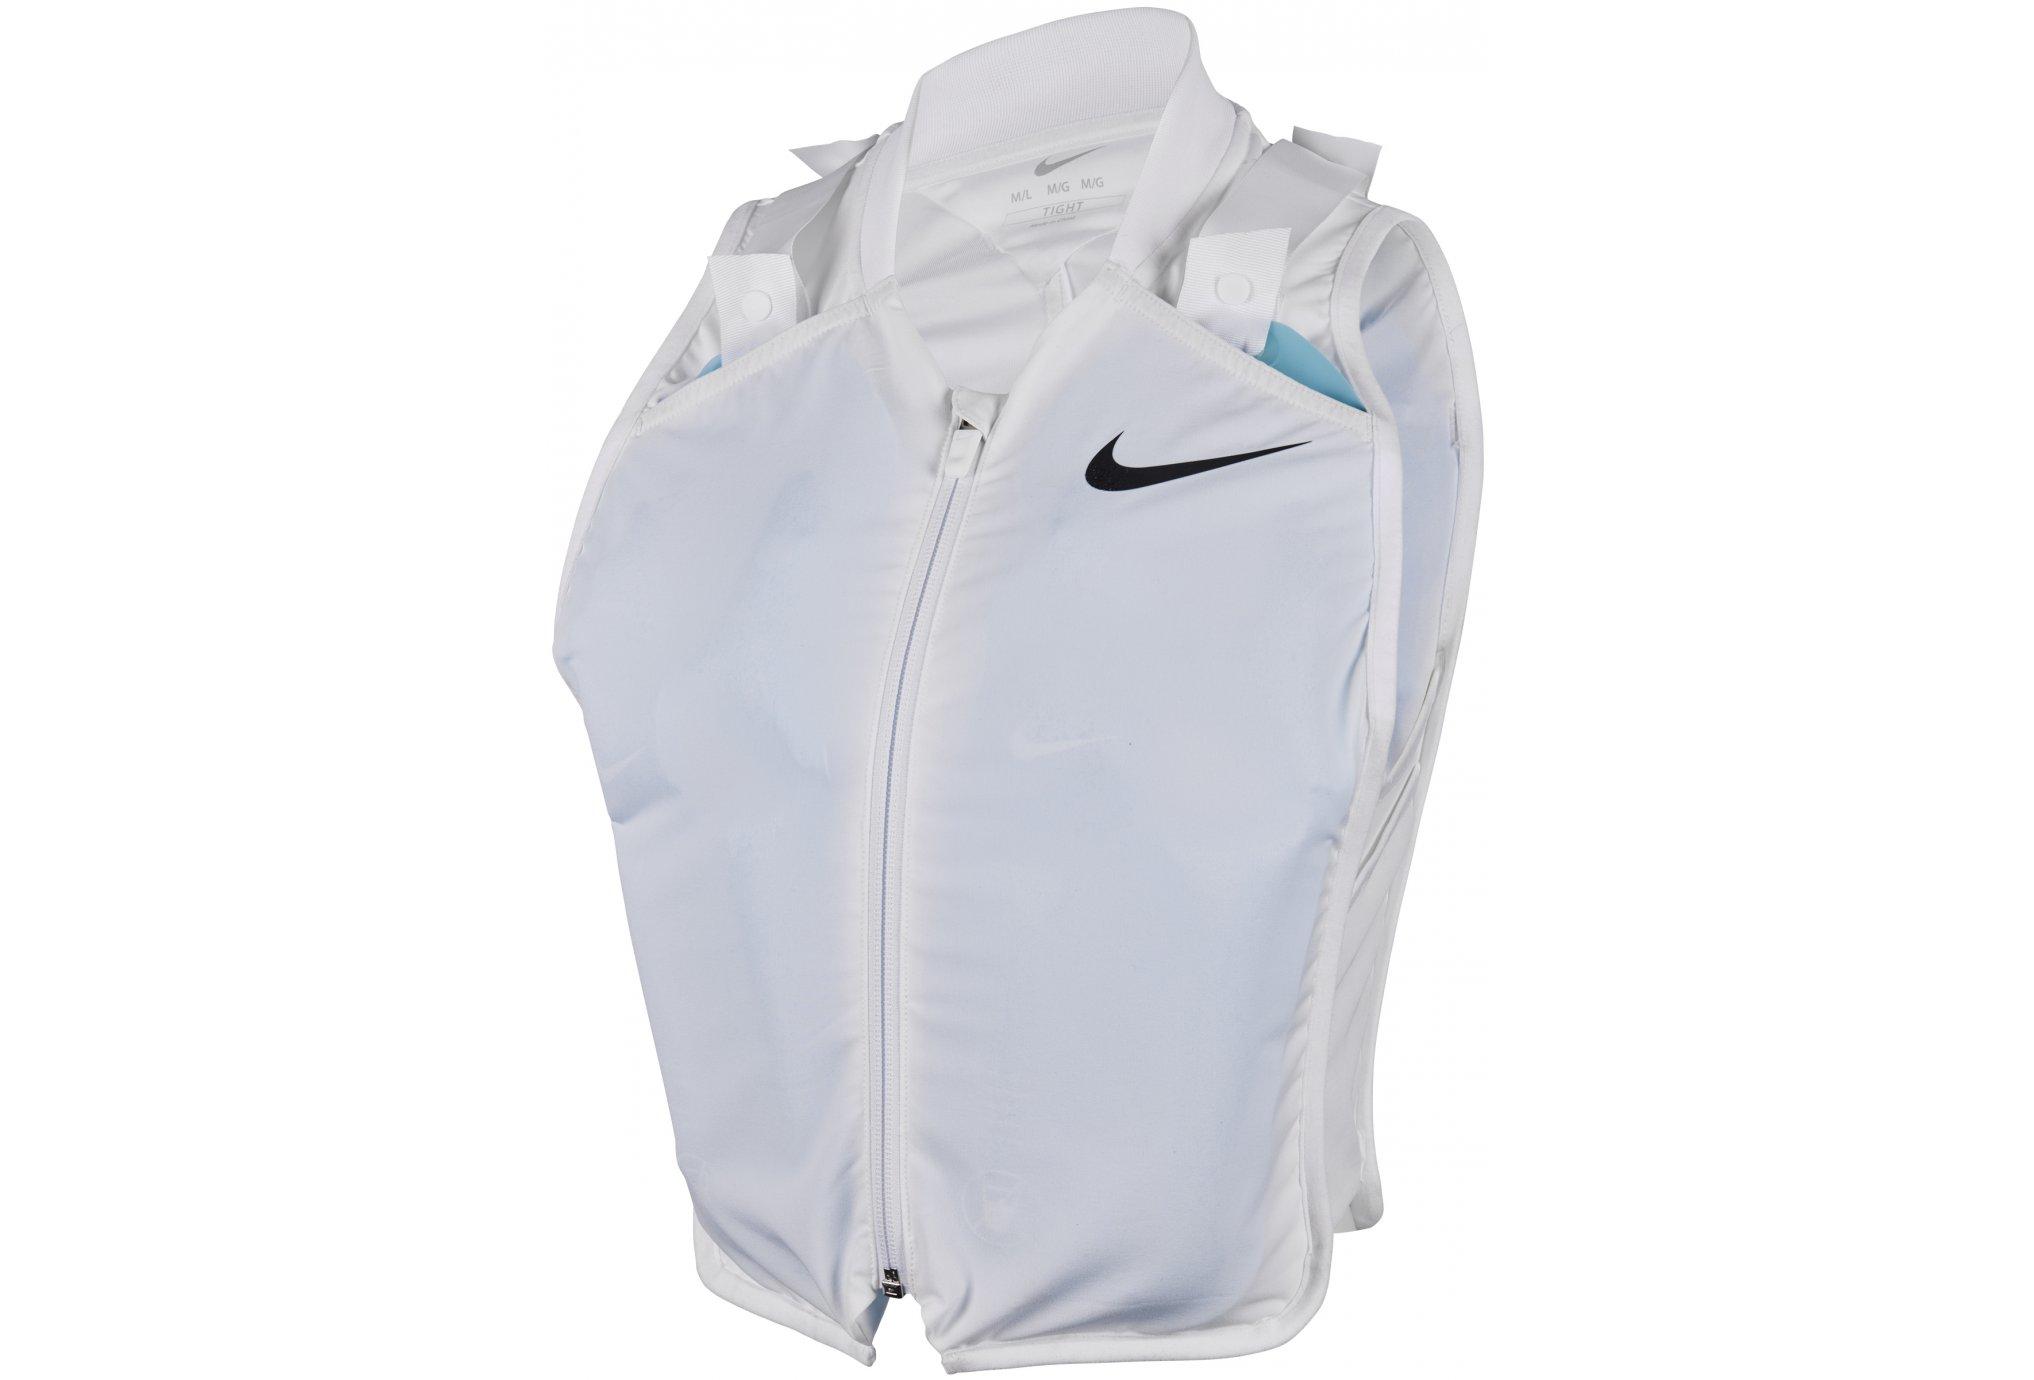 Nike Precool Vest Diététique Accessoires